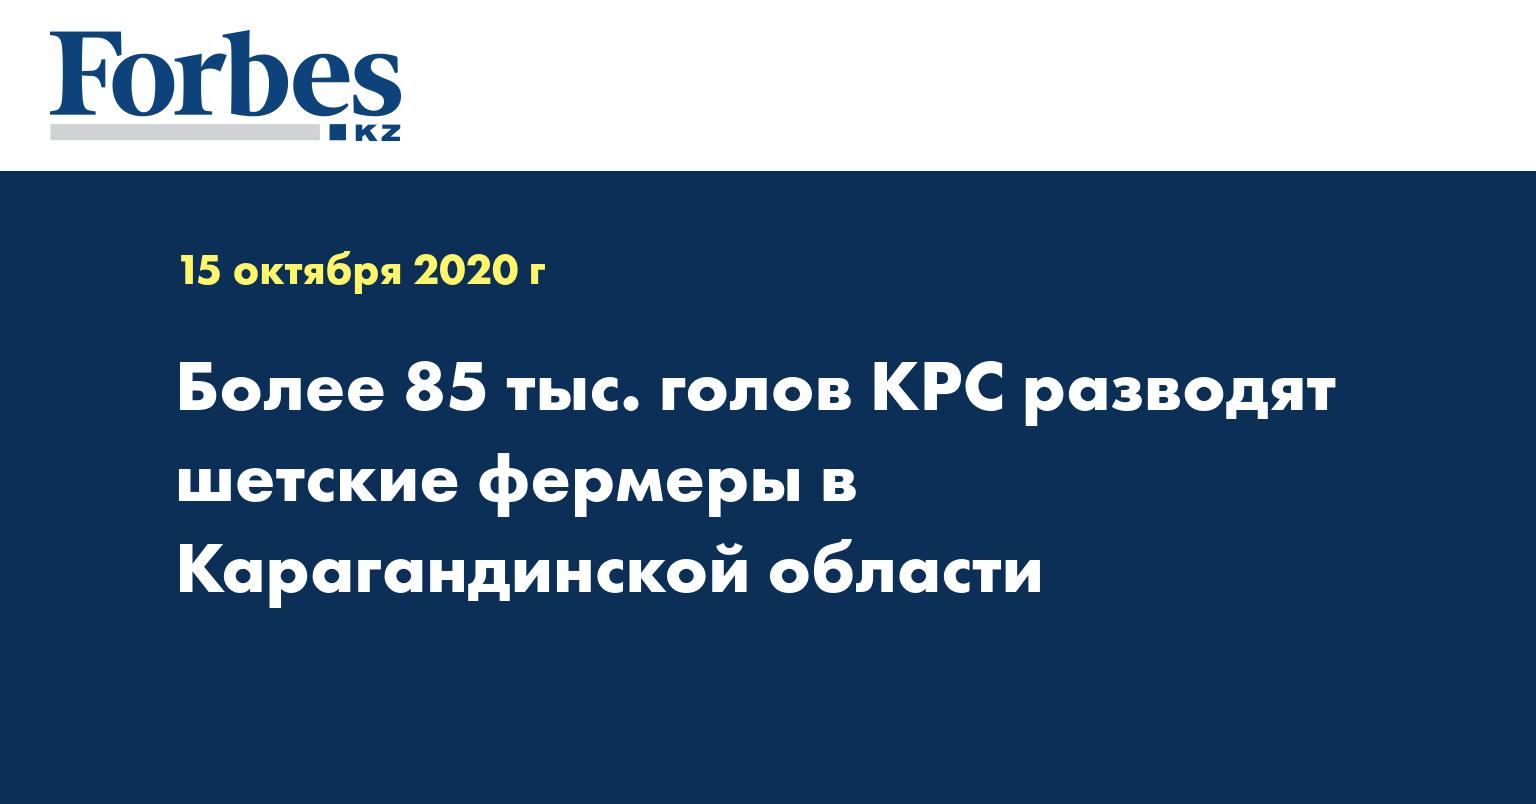 Более 85 тыс. голов КРС разводят шетские фермеры в Карагандинской области